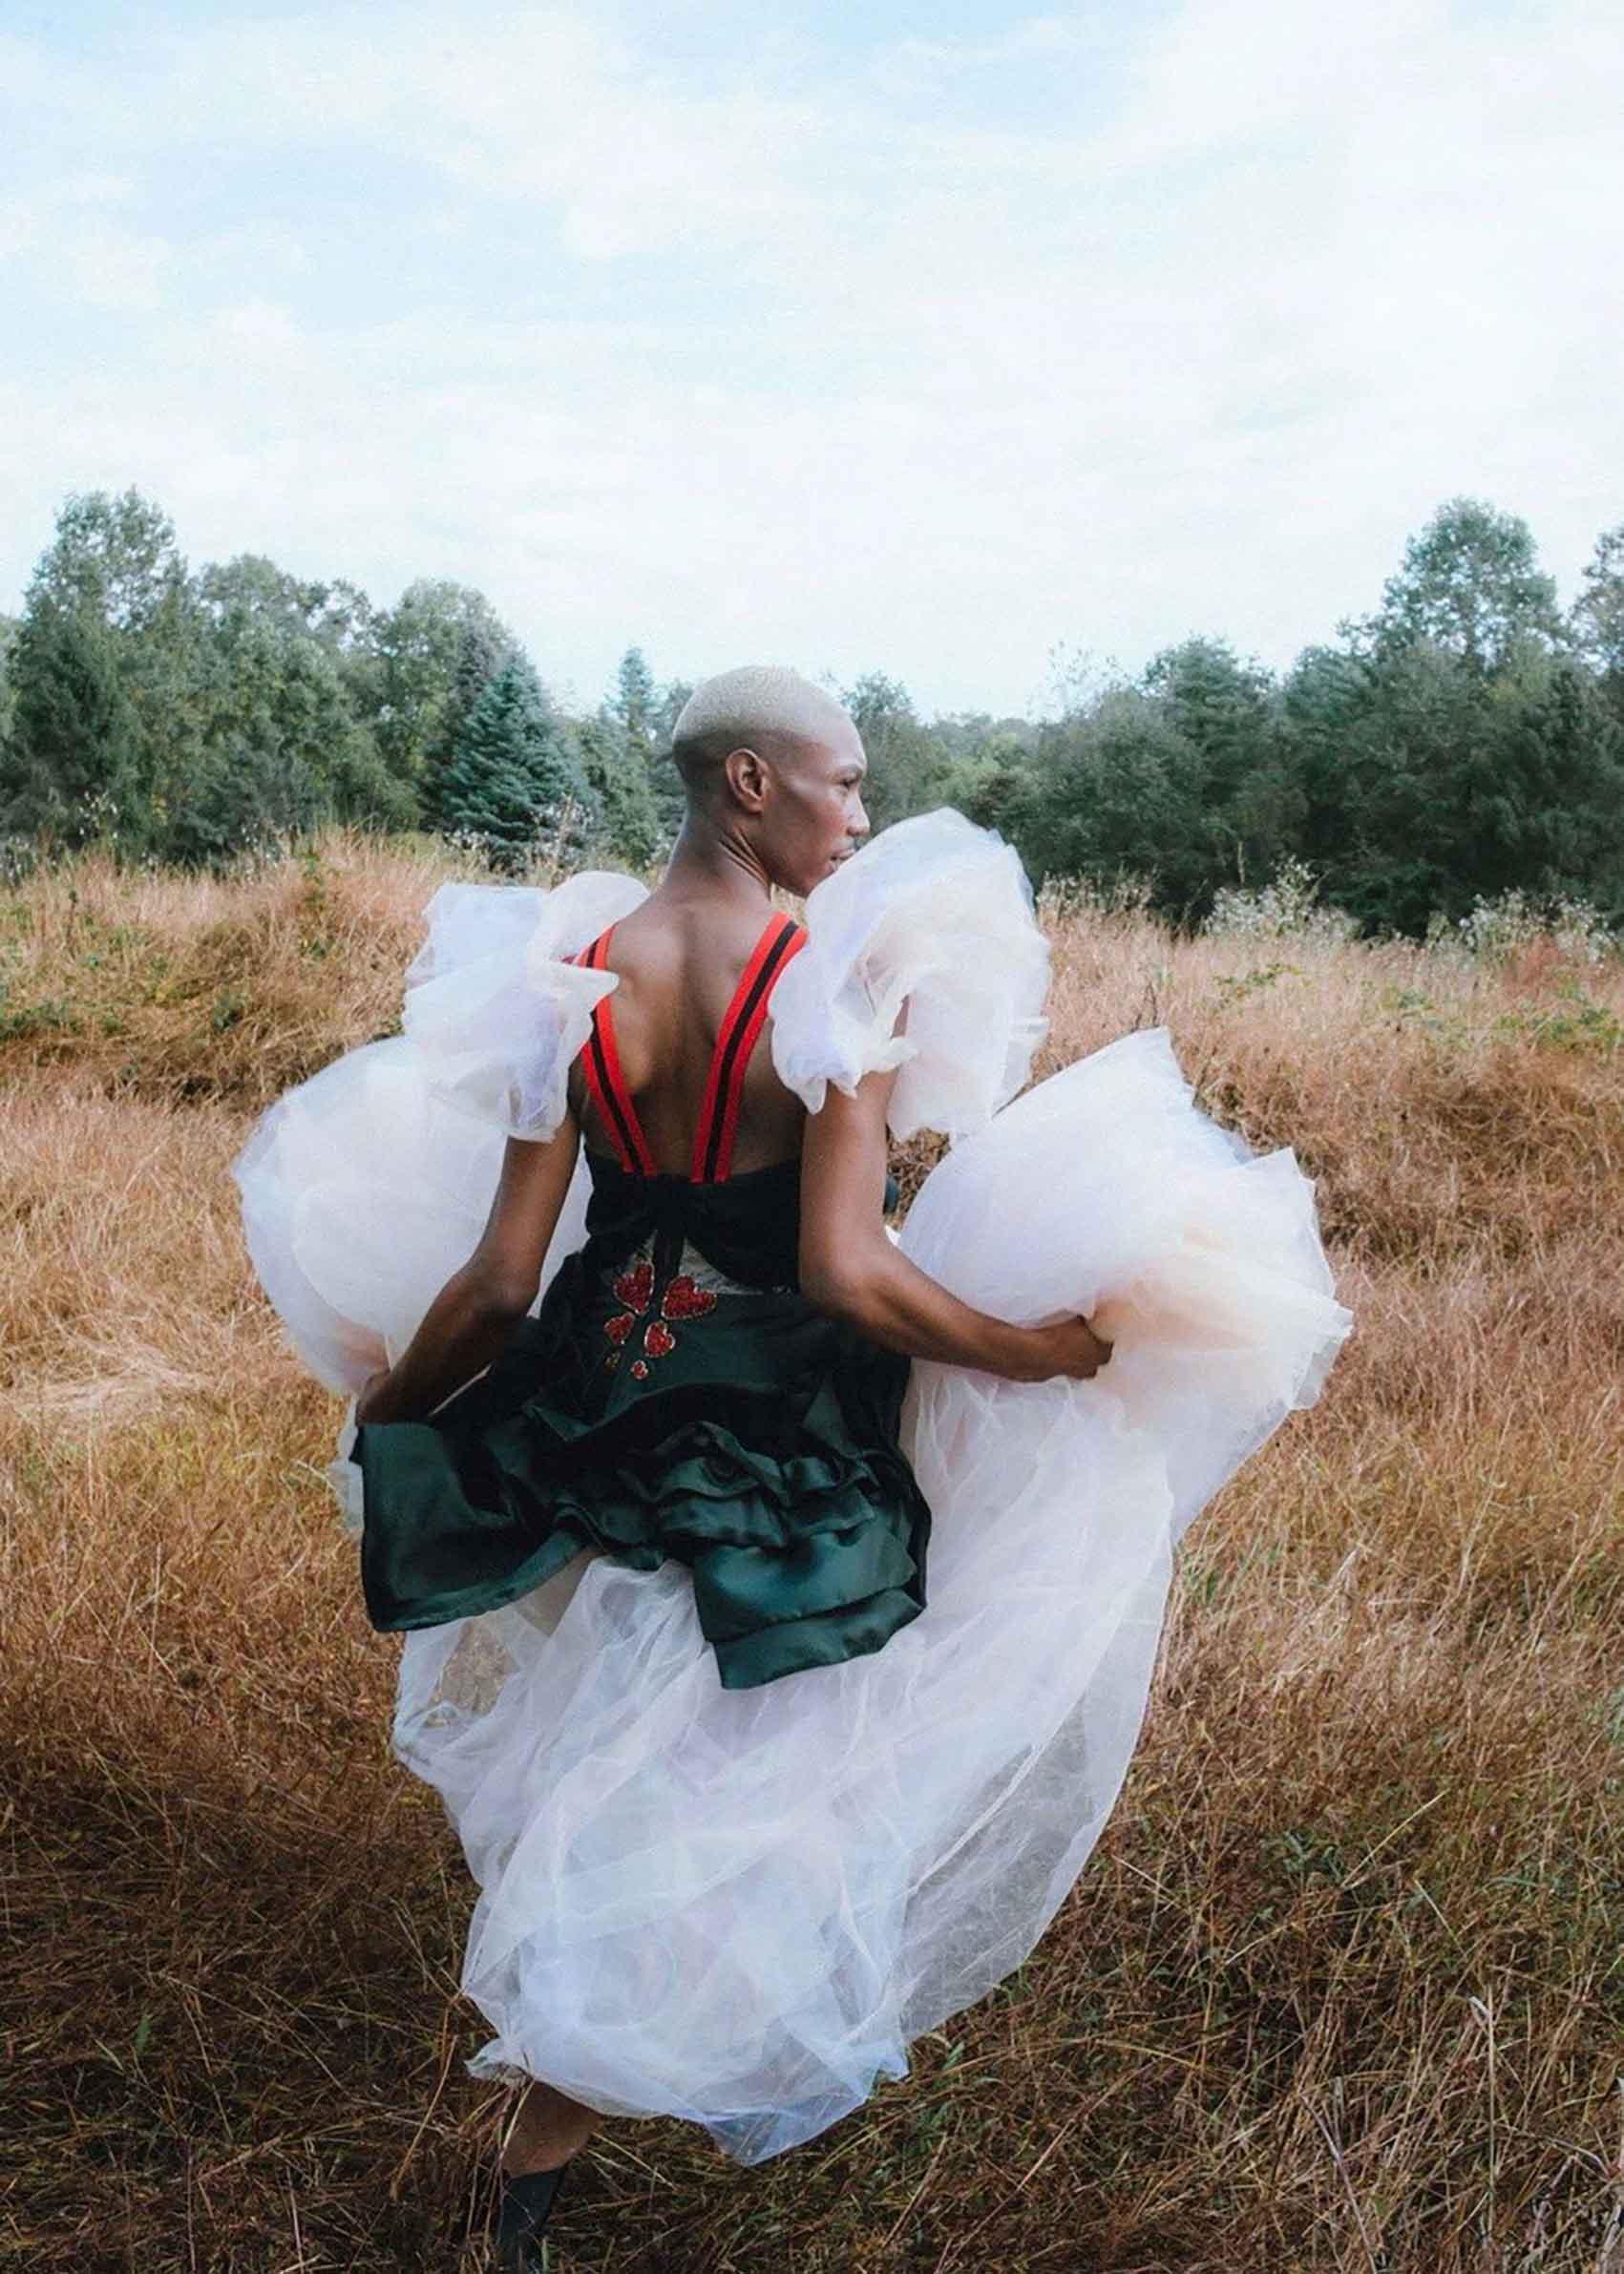 שמלת-ארנבים-אופנה, סטייל-אופנה-טרנדים-MonaLizabeth-